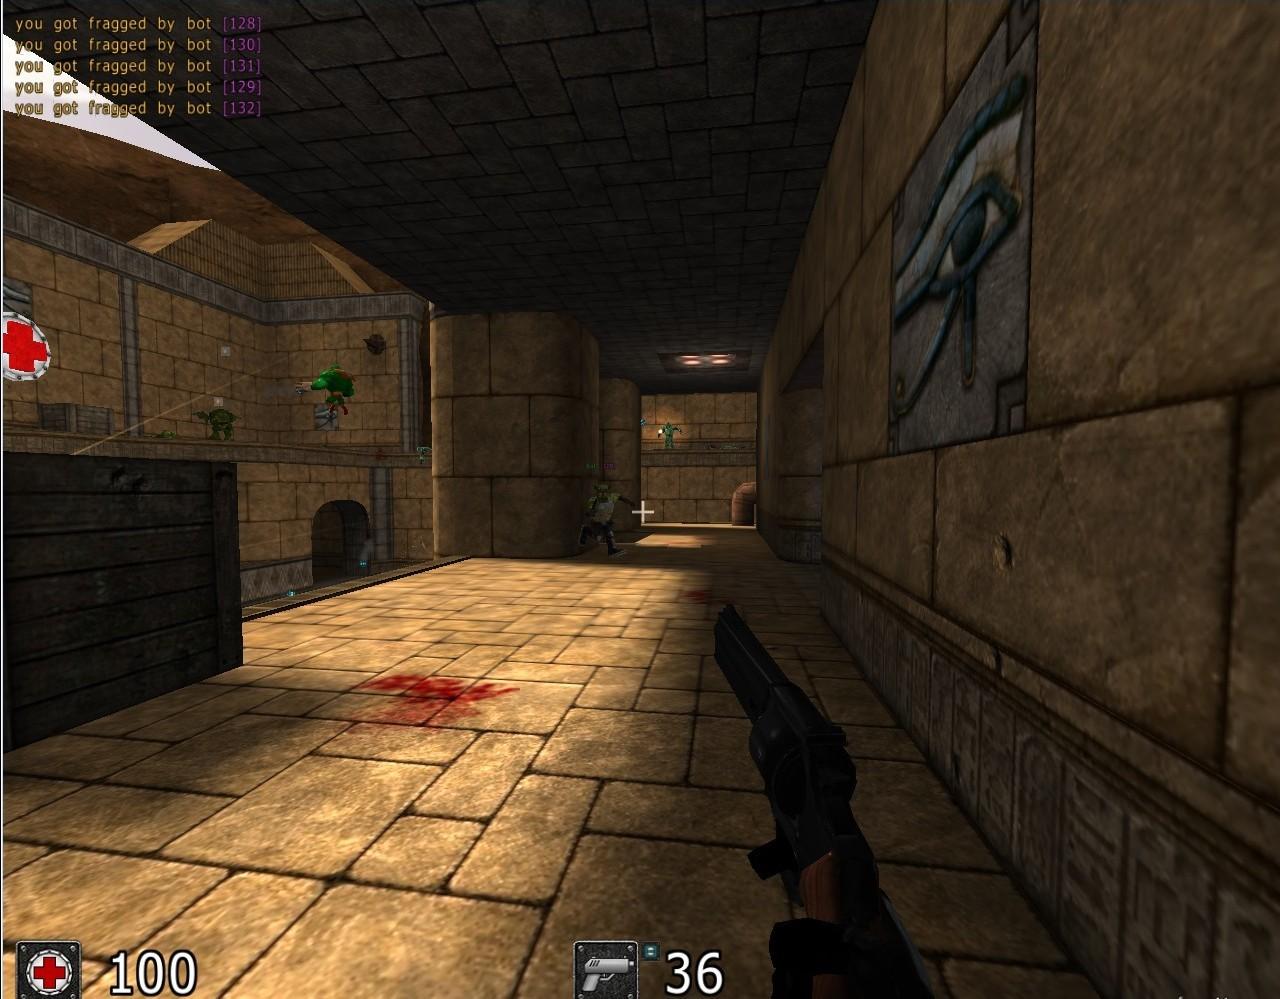 Screenshot 1 - Cube 2: Sauerbraten